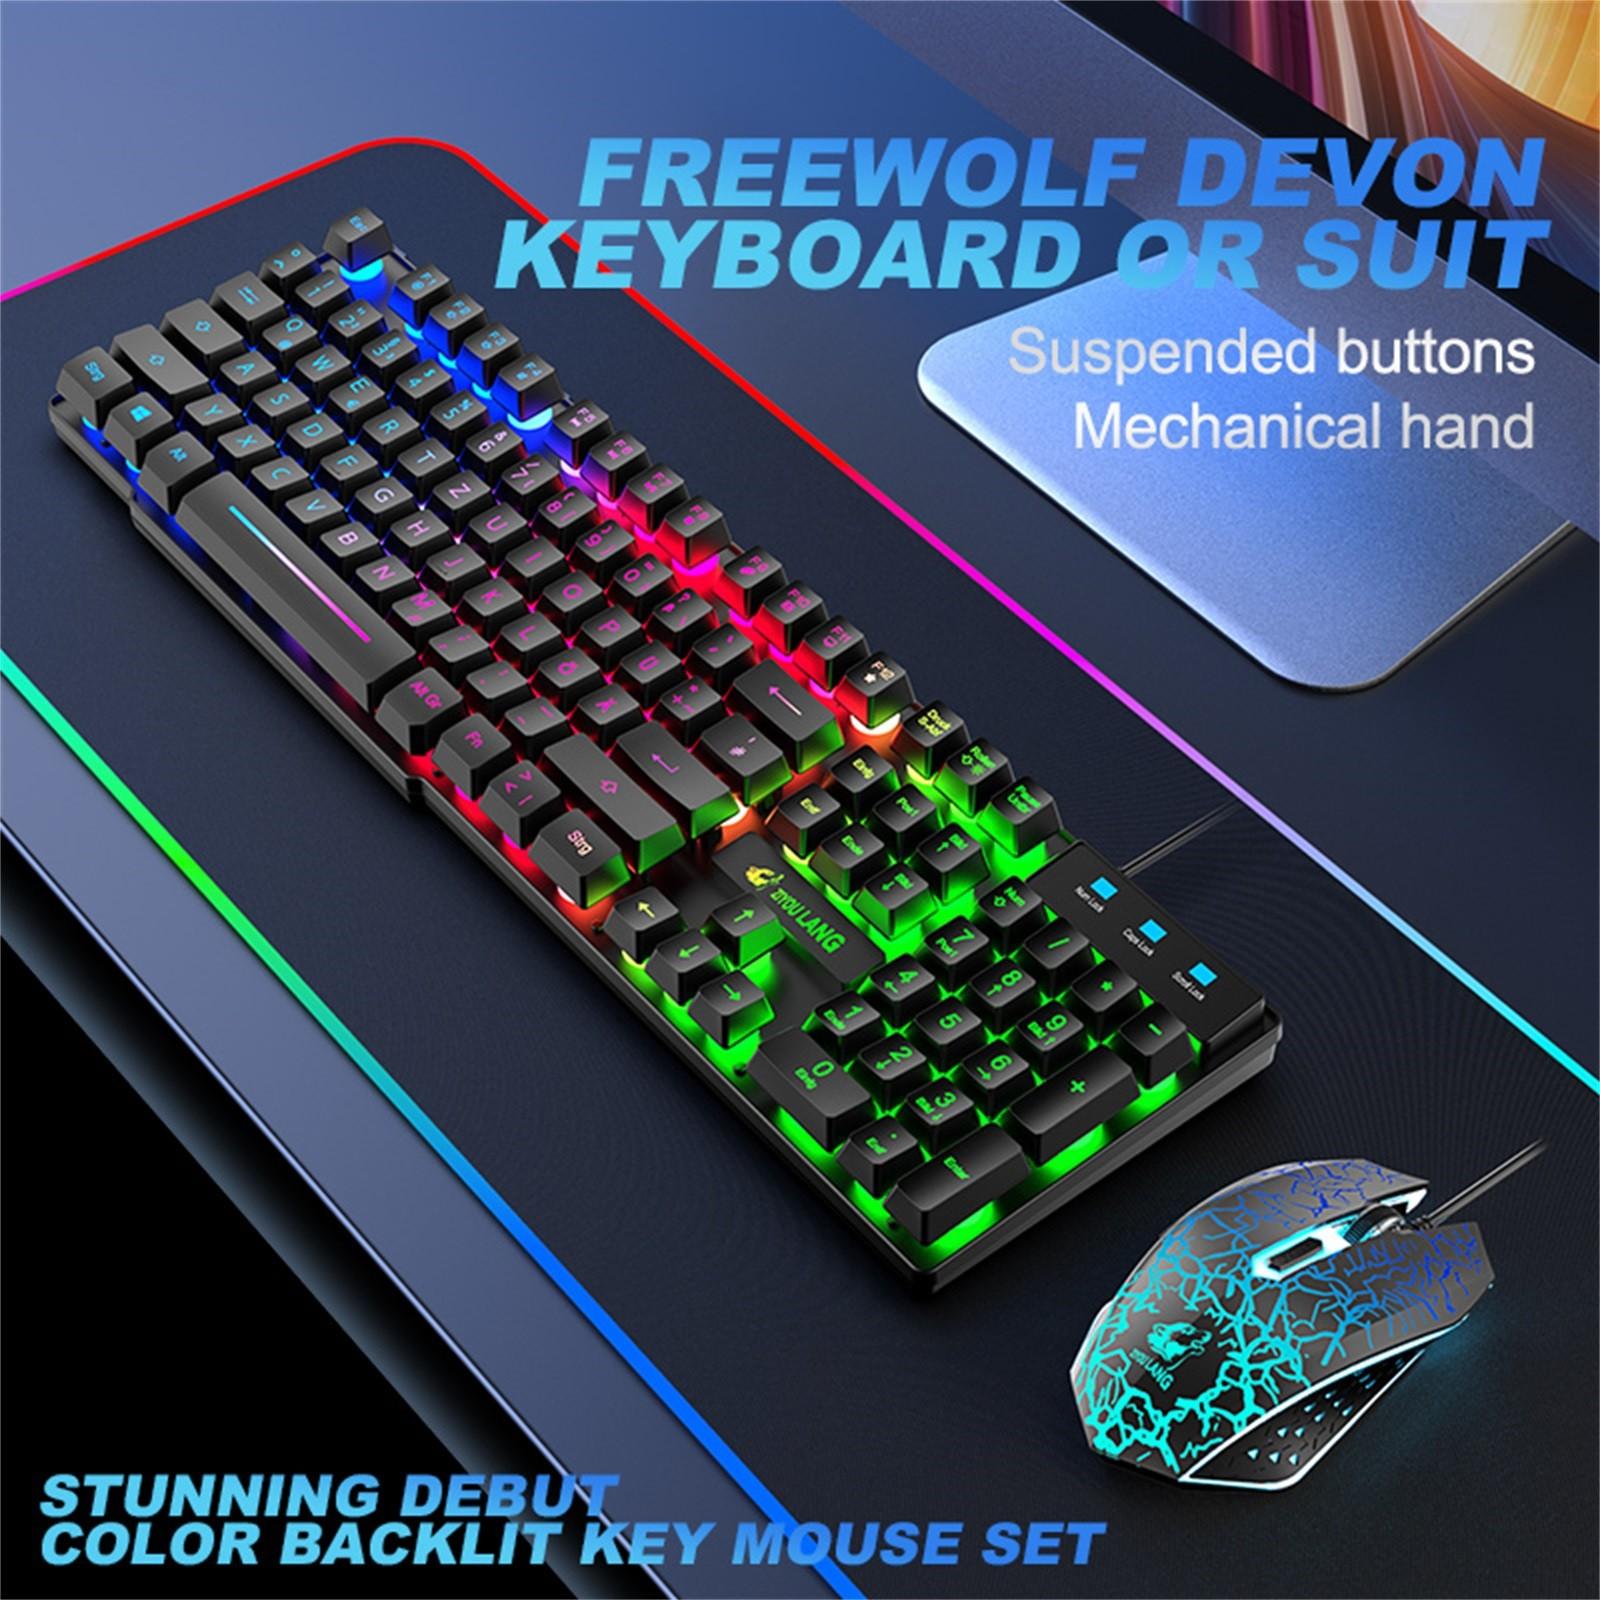 T13 الألمانية لوحة المفاتيح مجموعة محمول مفاتيح صامتة مريح قزحي الألوان مختلطة ضوء Usb الألعاب لوحة مفاتيح وماوس